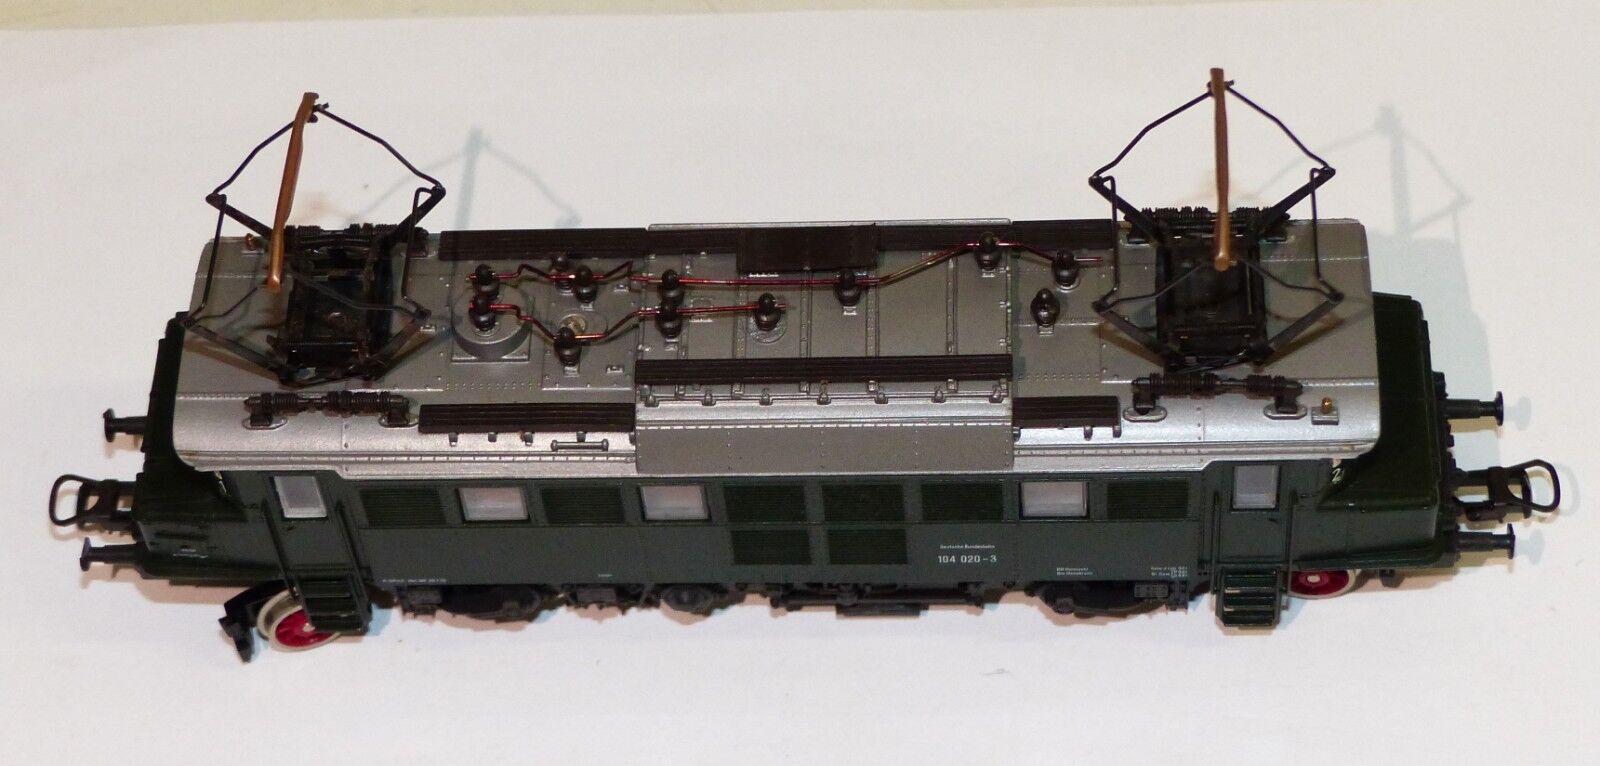 ROCO 4144 4144 4144 S E-Lok BR 104 020-3 DB h0 1 87 verde Elektrolok 04144s 068250